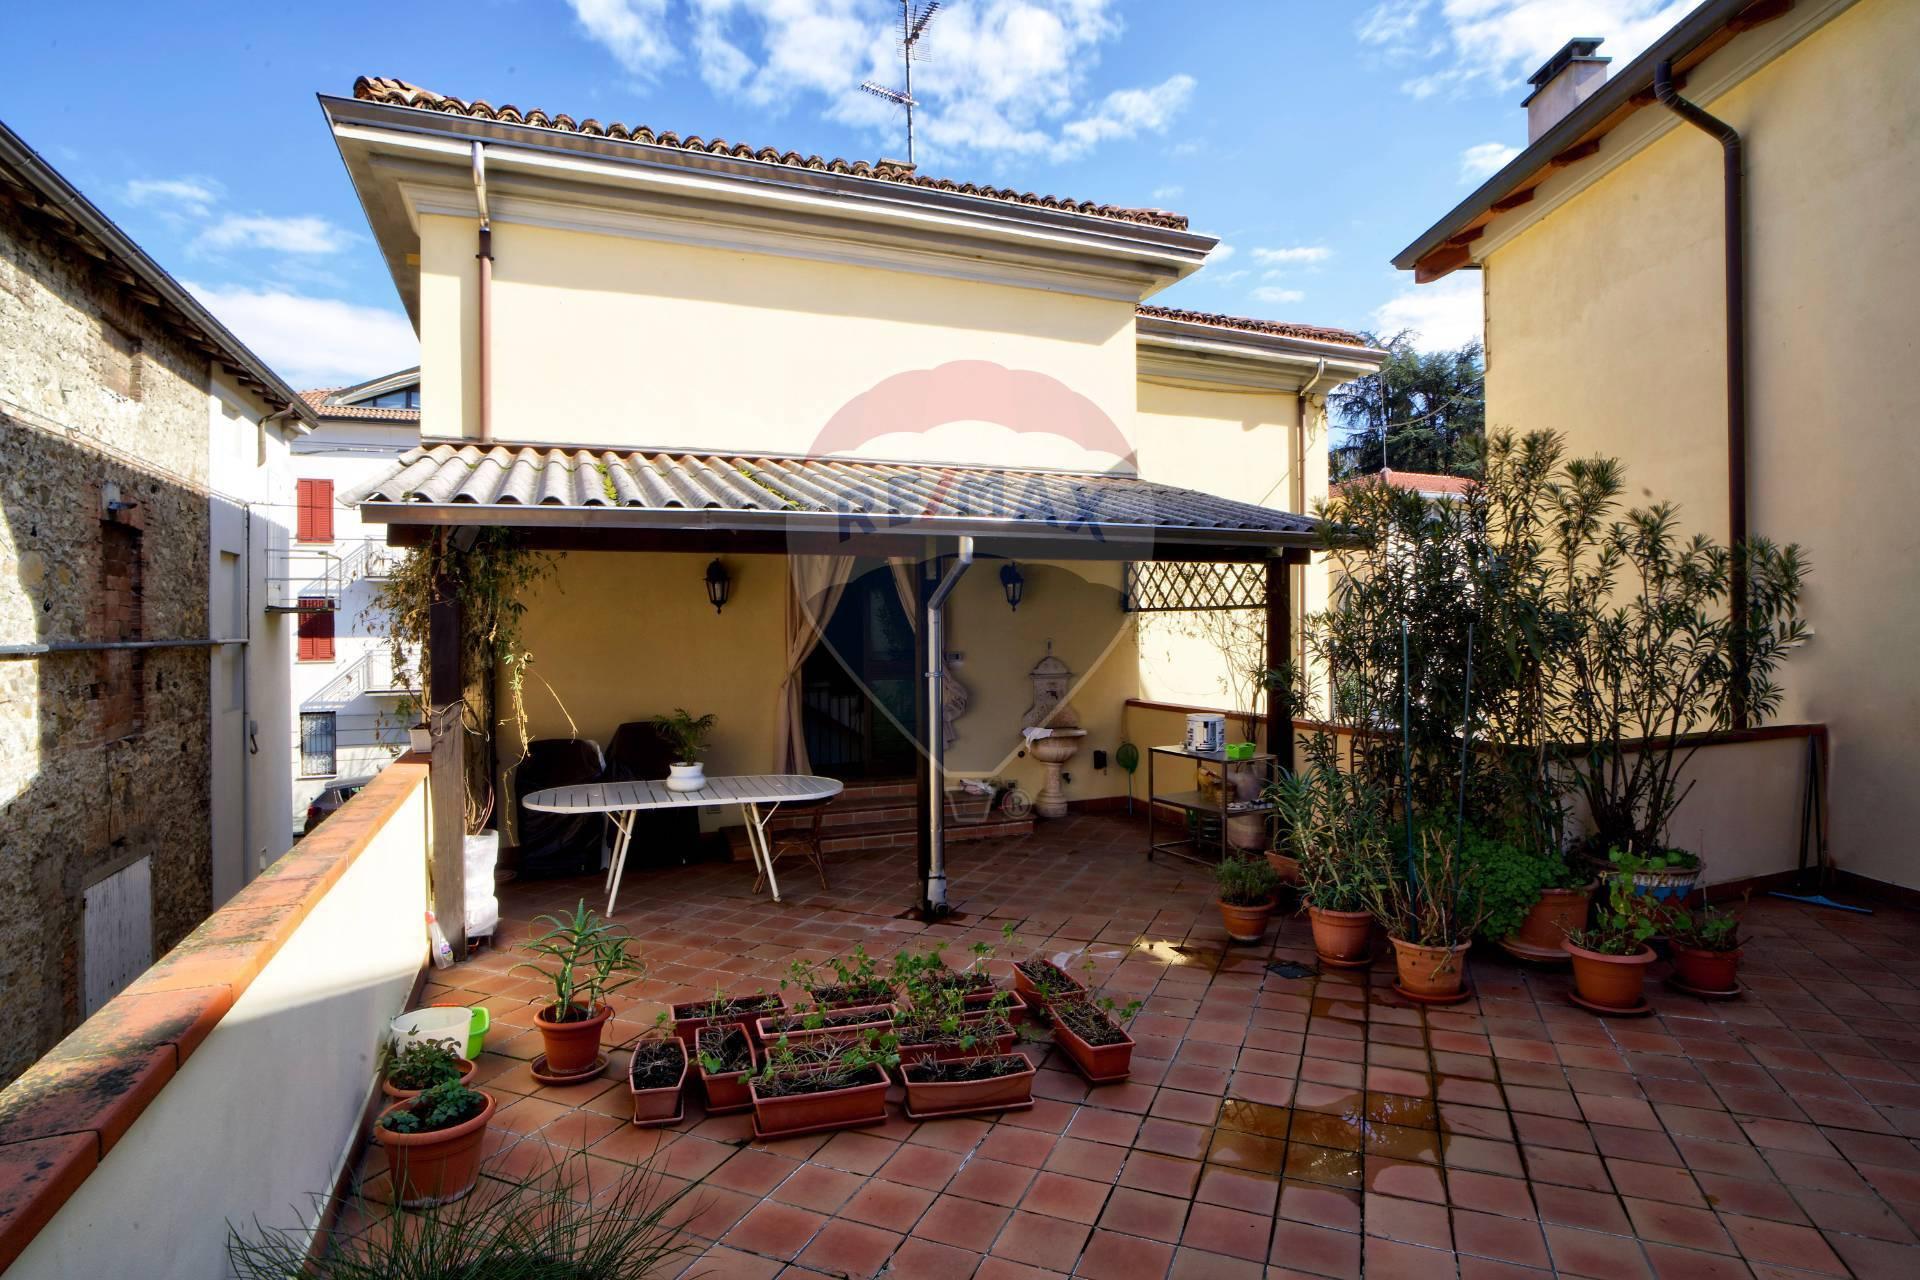 Villa singola in Vendita a Collecchio (Parma) | Bertolotti ...